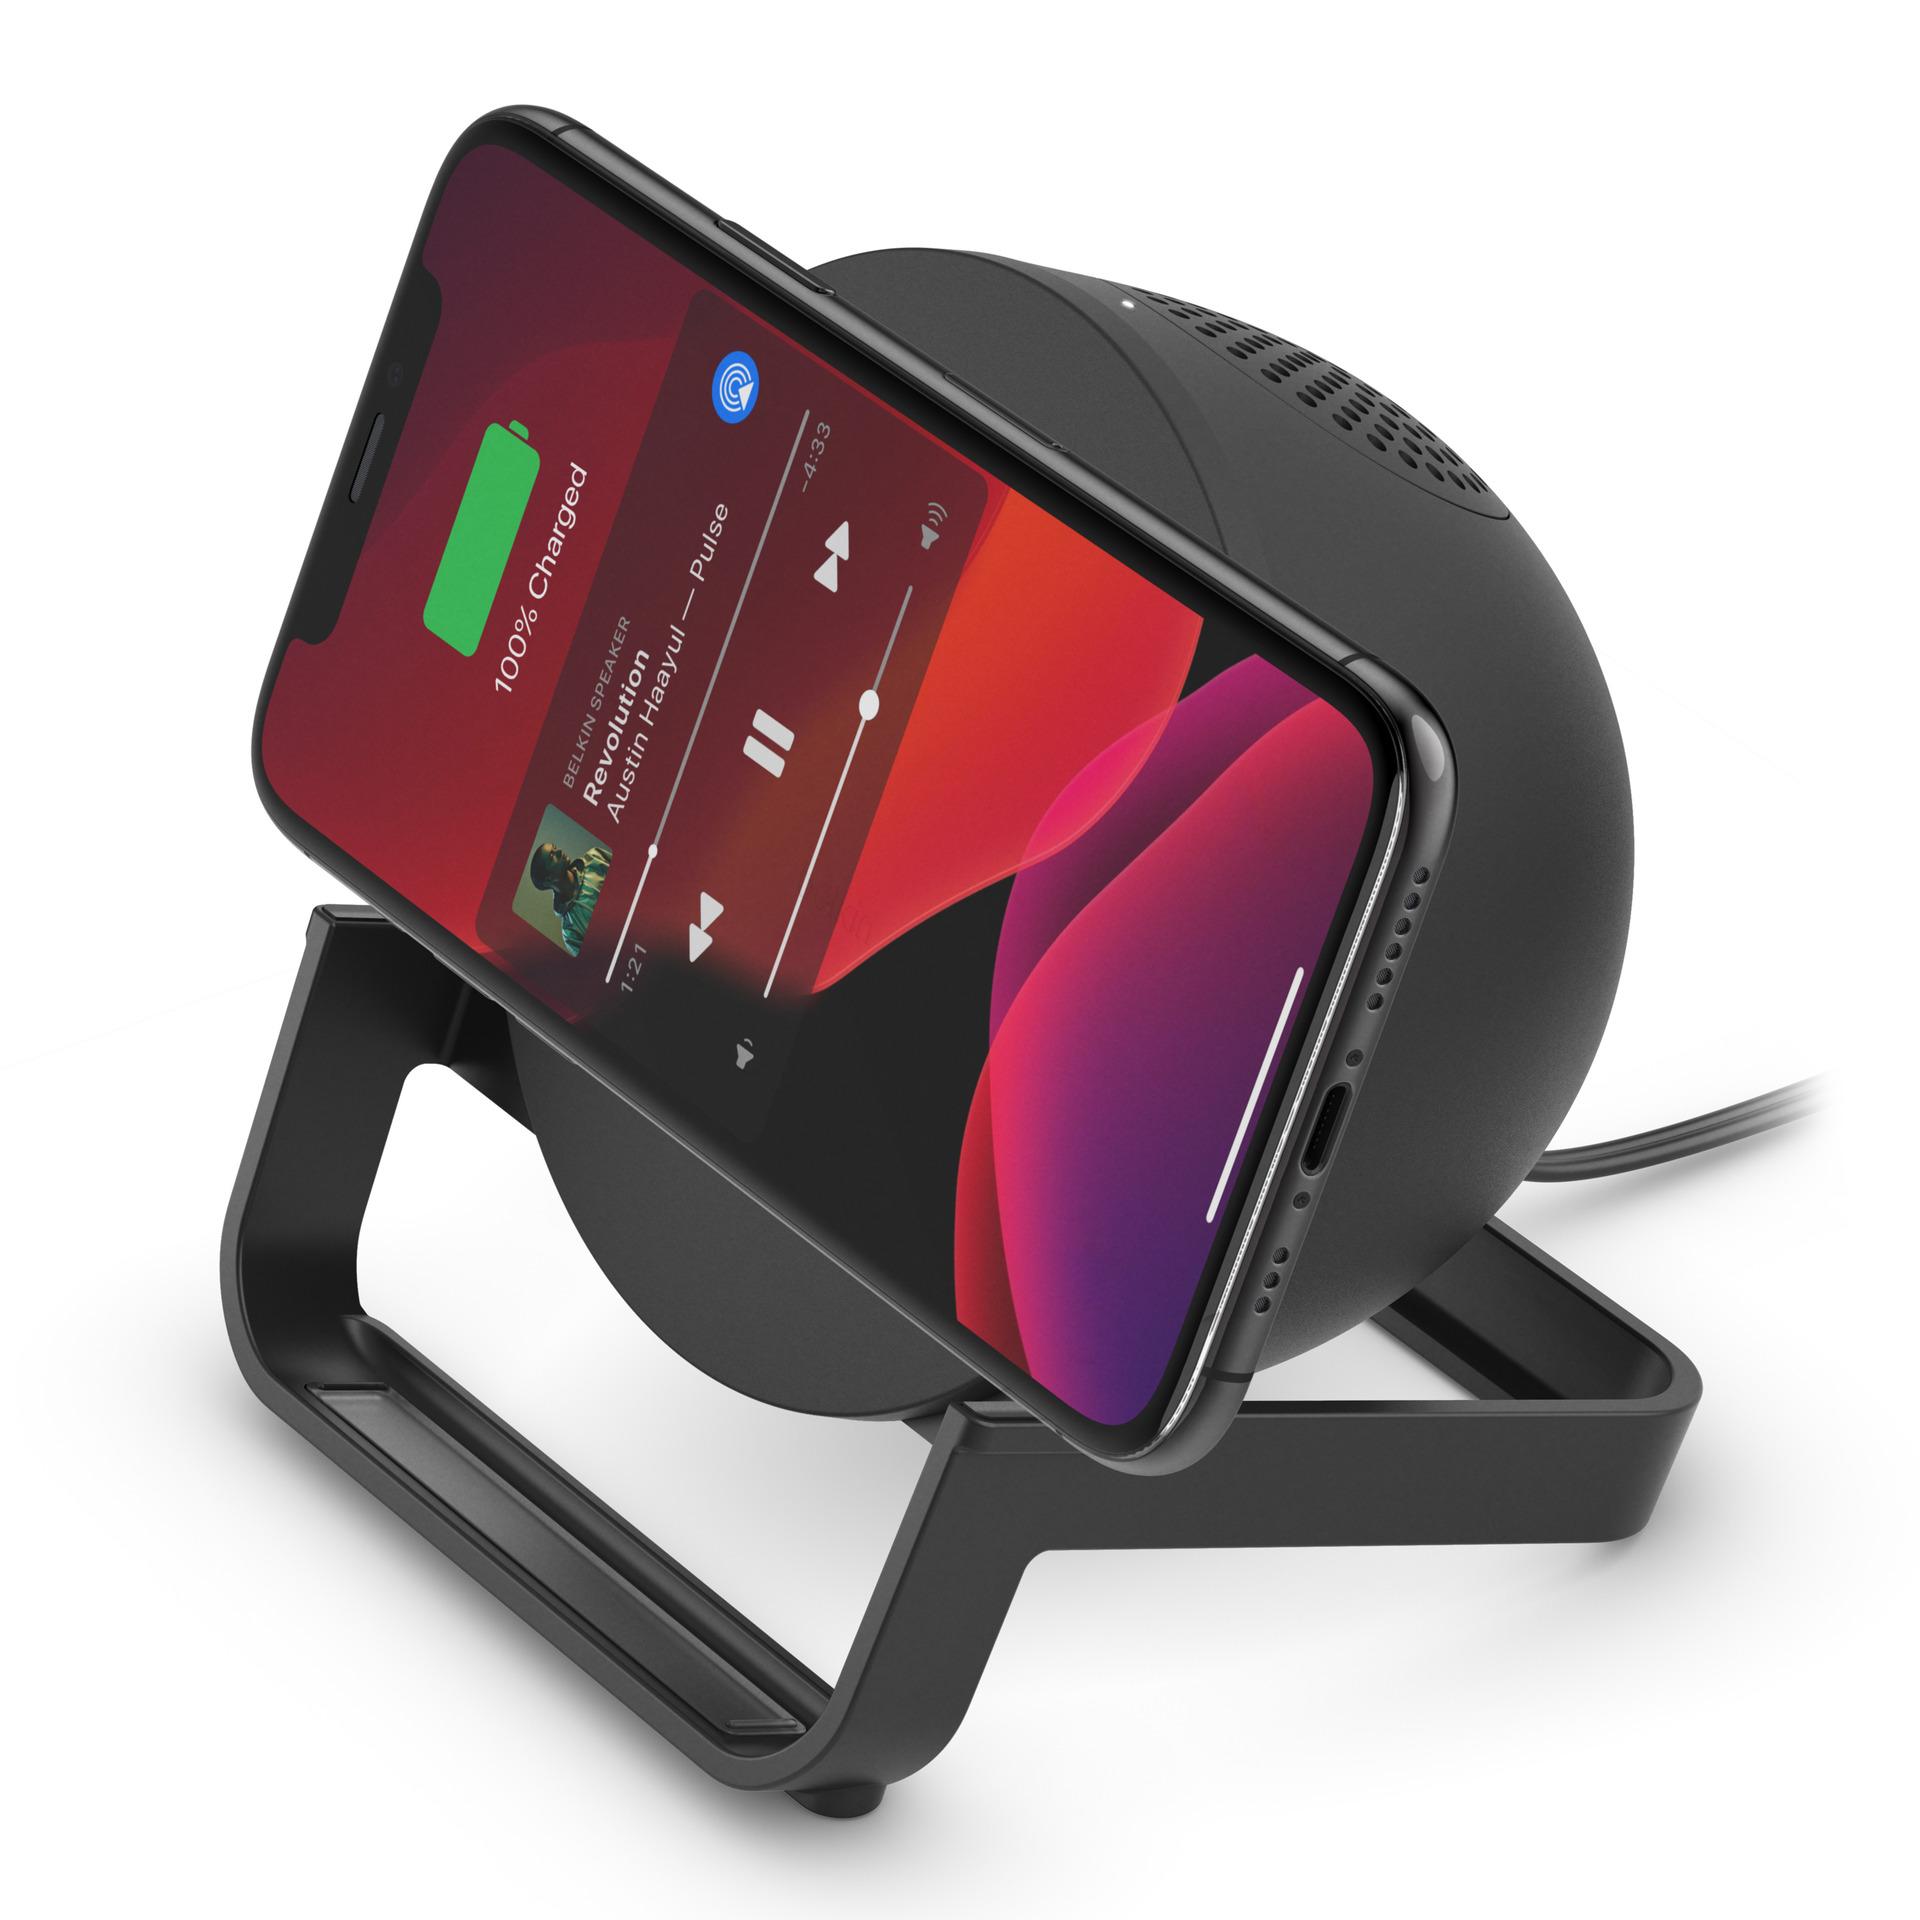 Indexbild 7 - Belkin BoostCharge Wireless Ladestation induktiv Lautsprecher Android iOS